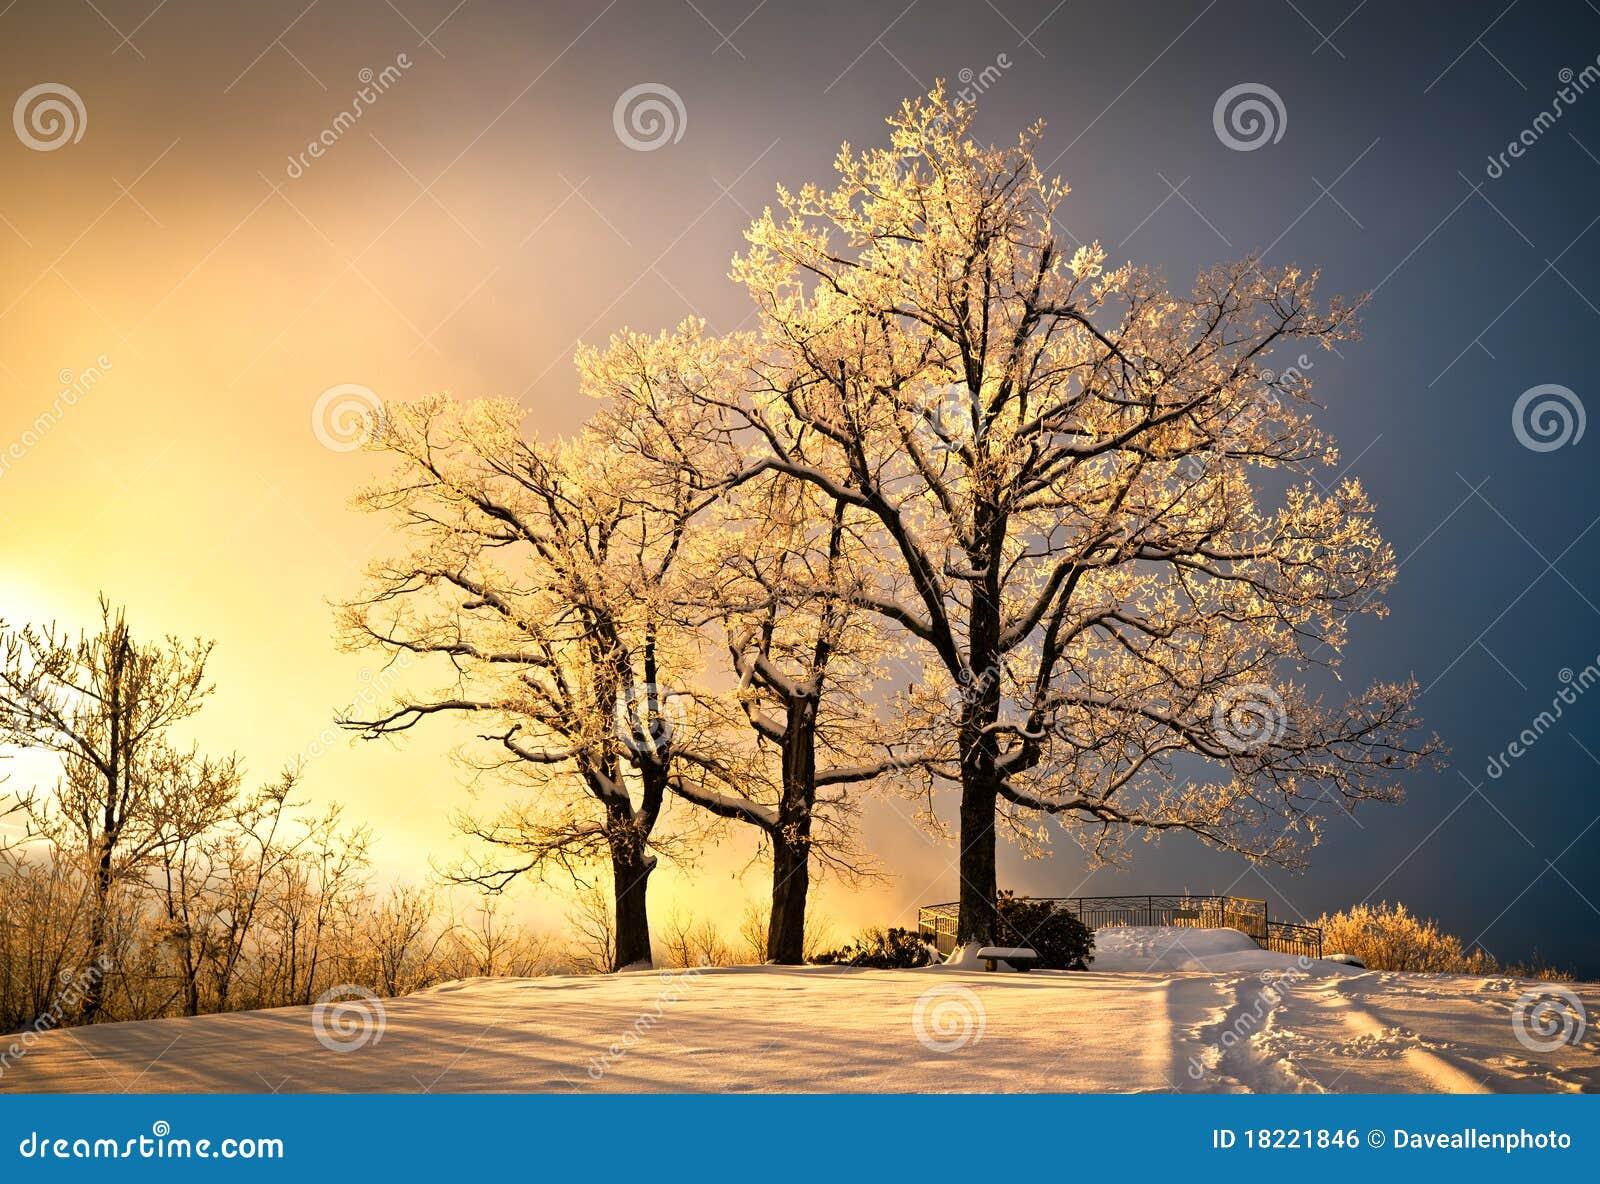 El hielo y la helada cubrieron el árbol de roble en nieve fría del invierno